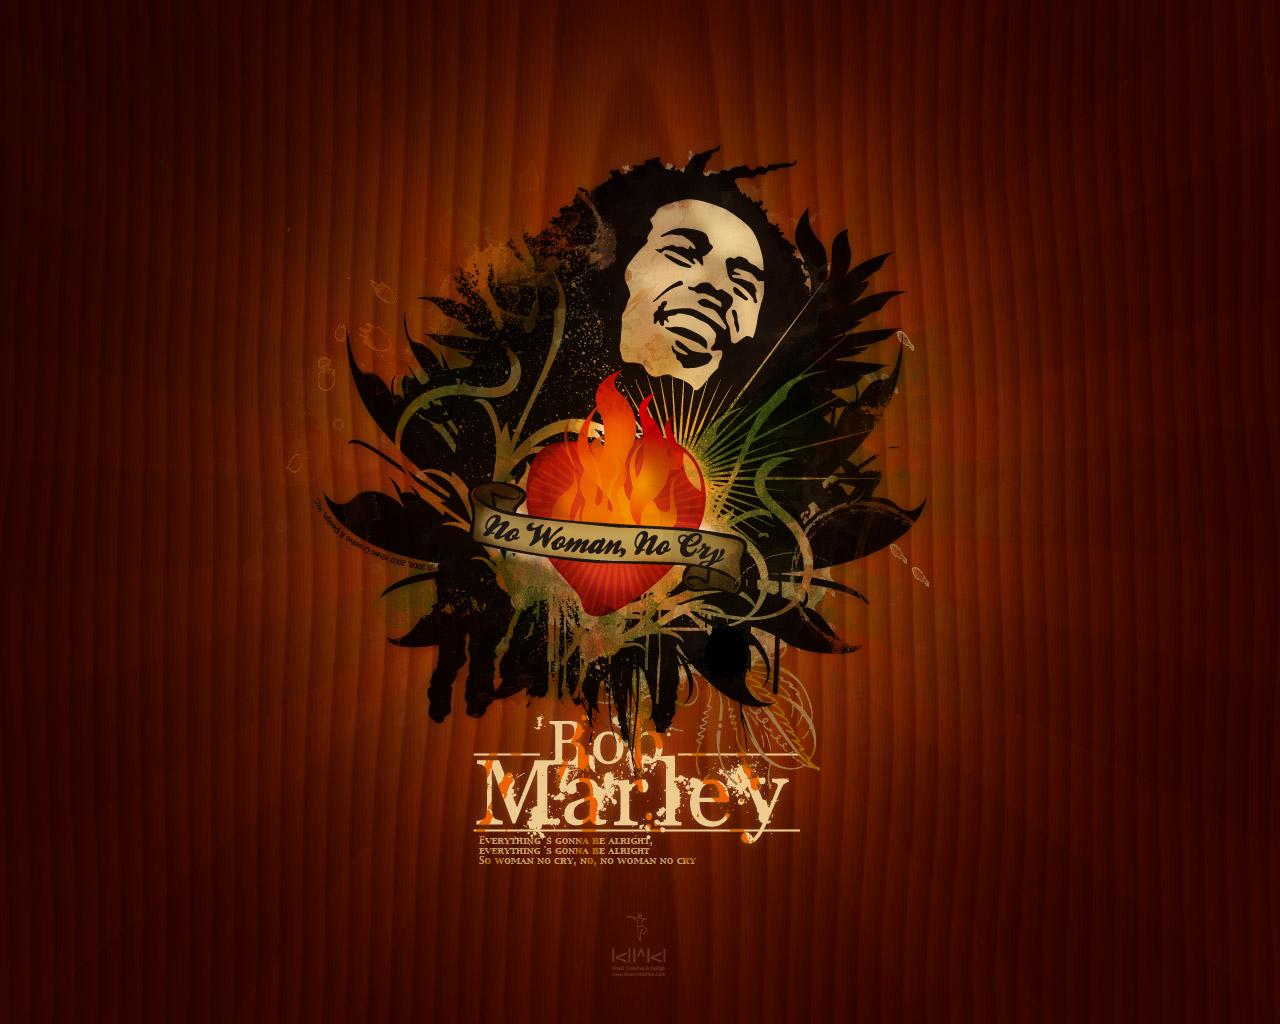 Bob Marley wallpaper – imagens